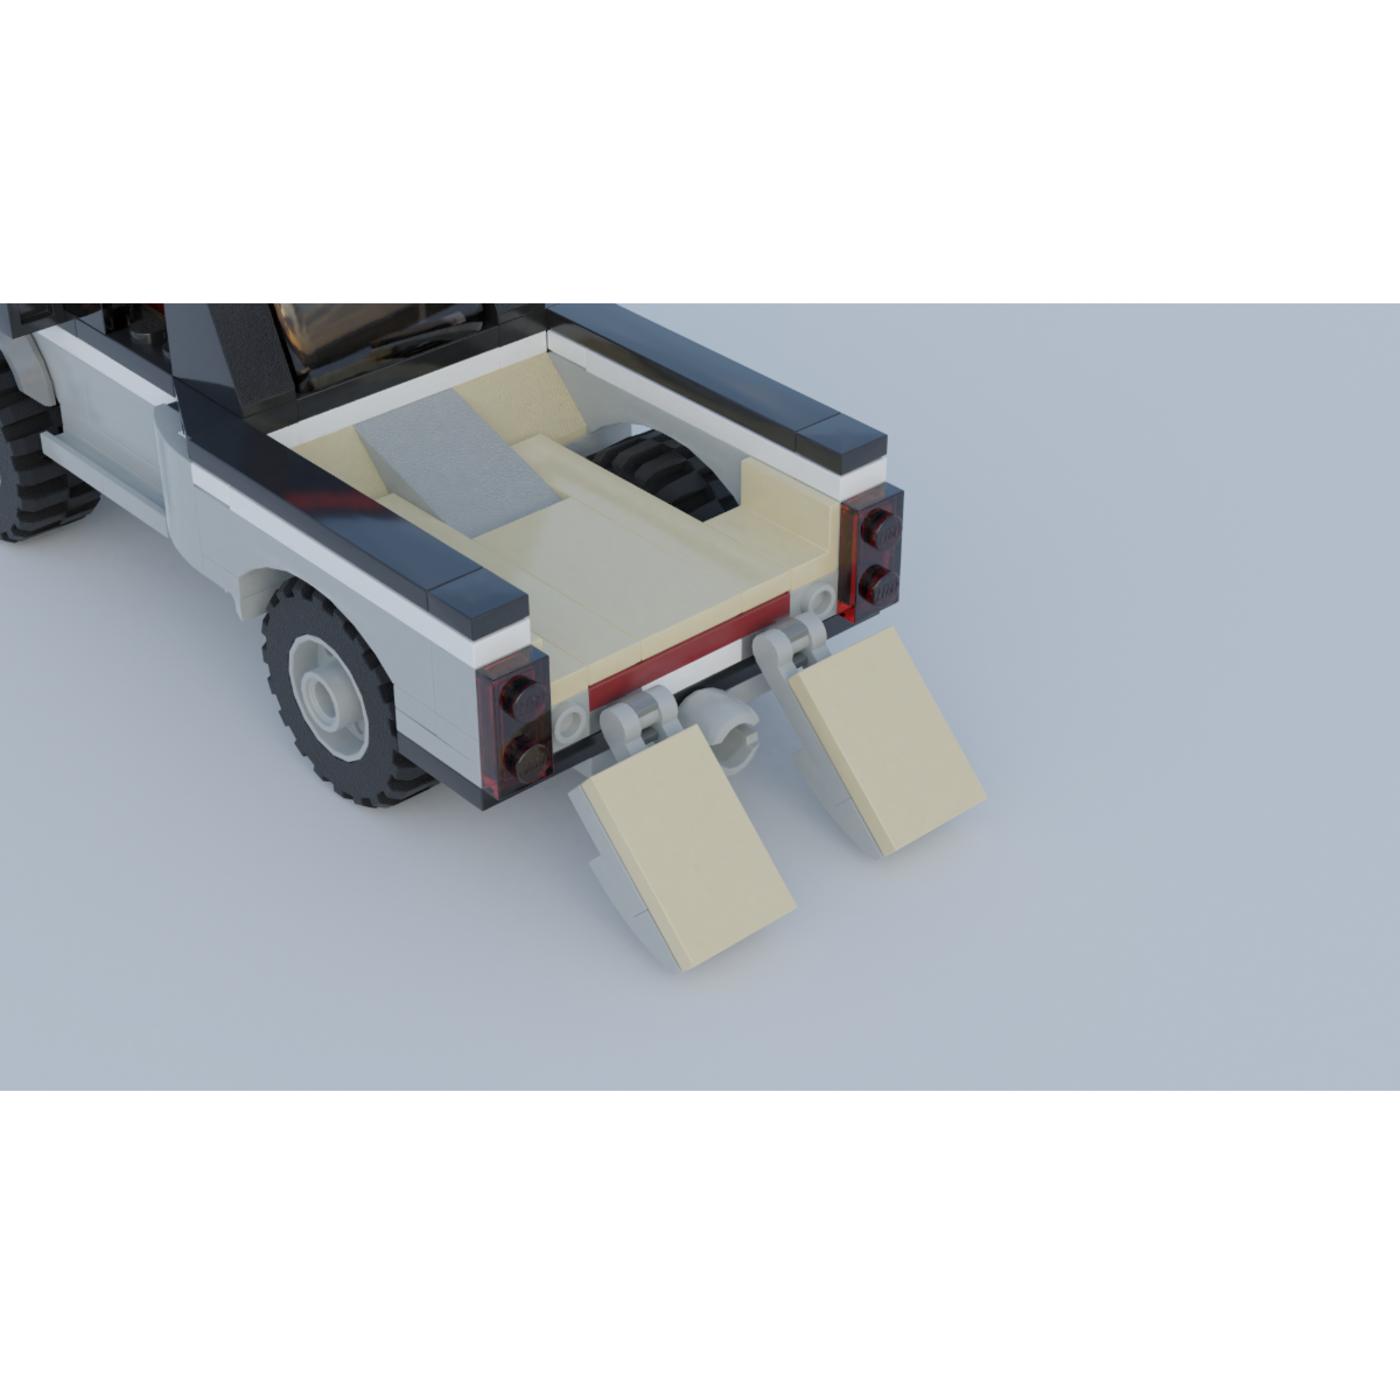 Lego pickup